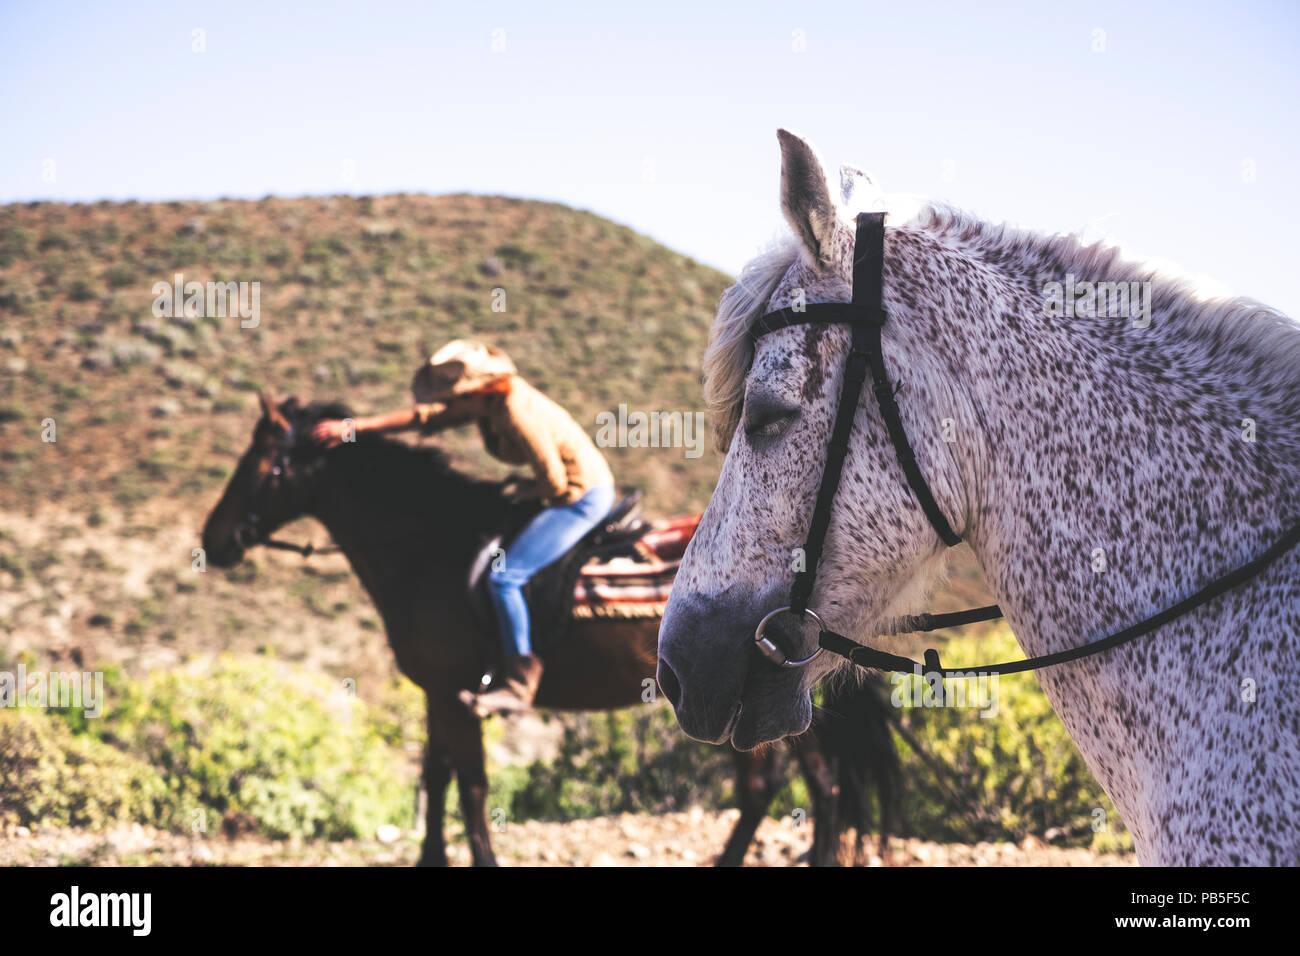 El caballo y el estilo de vida de los animales en la amistad con los seres humanos y personas. actividad de ocio al aire libre en las montañas Imagen De Stock